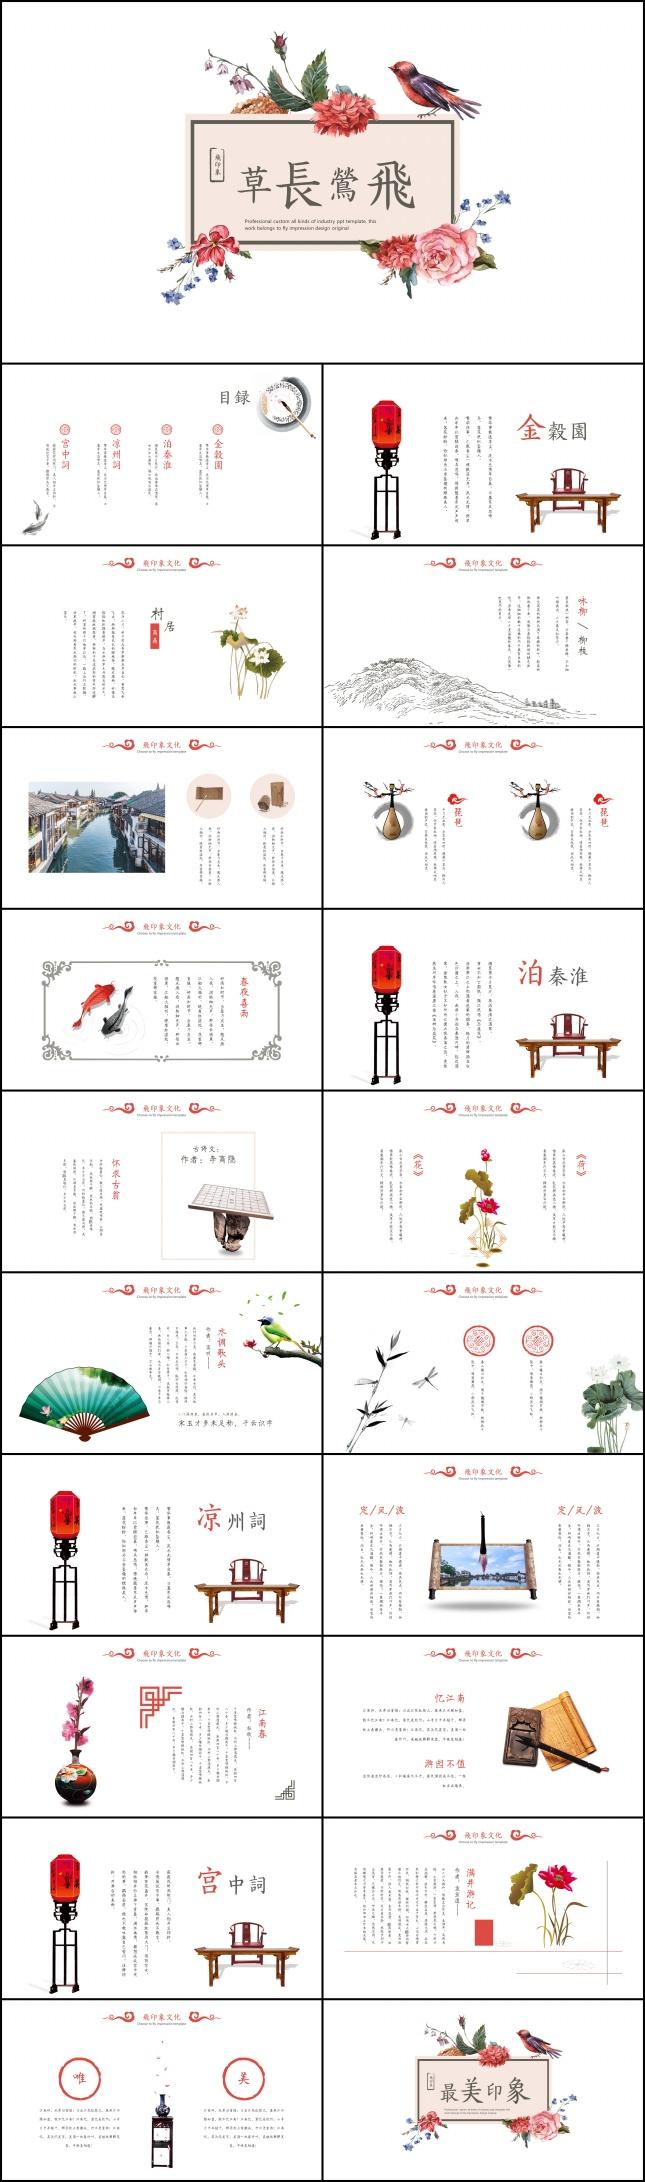 中国风文艺范草长莺飞PPT模板